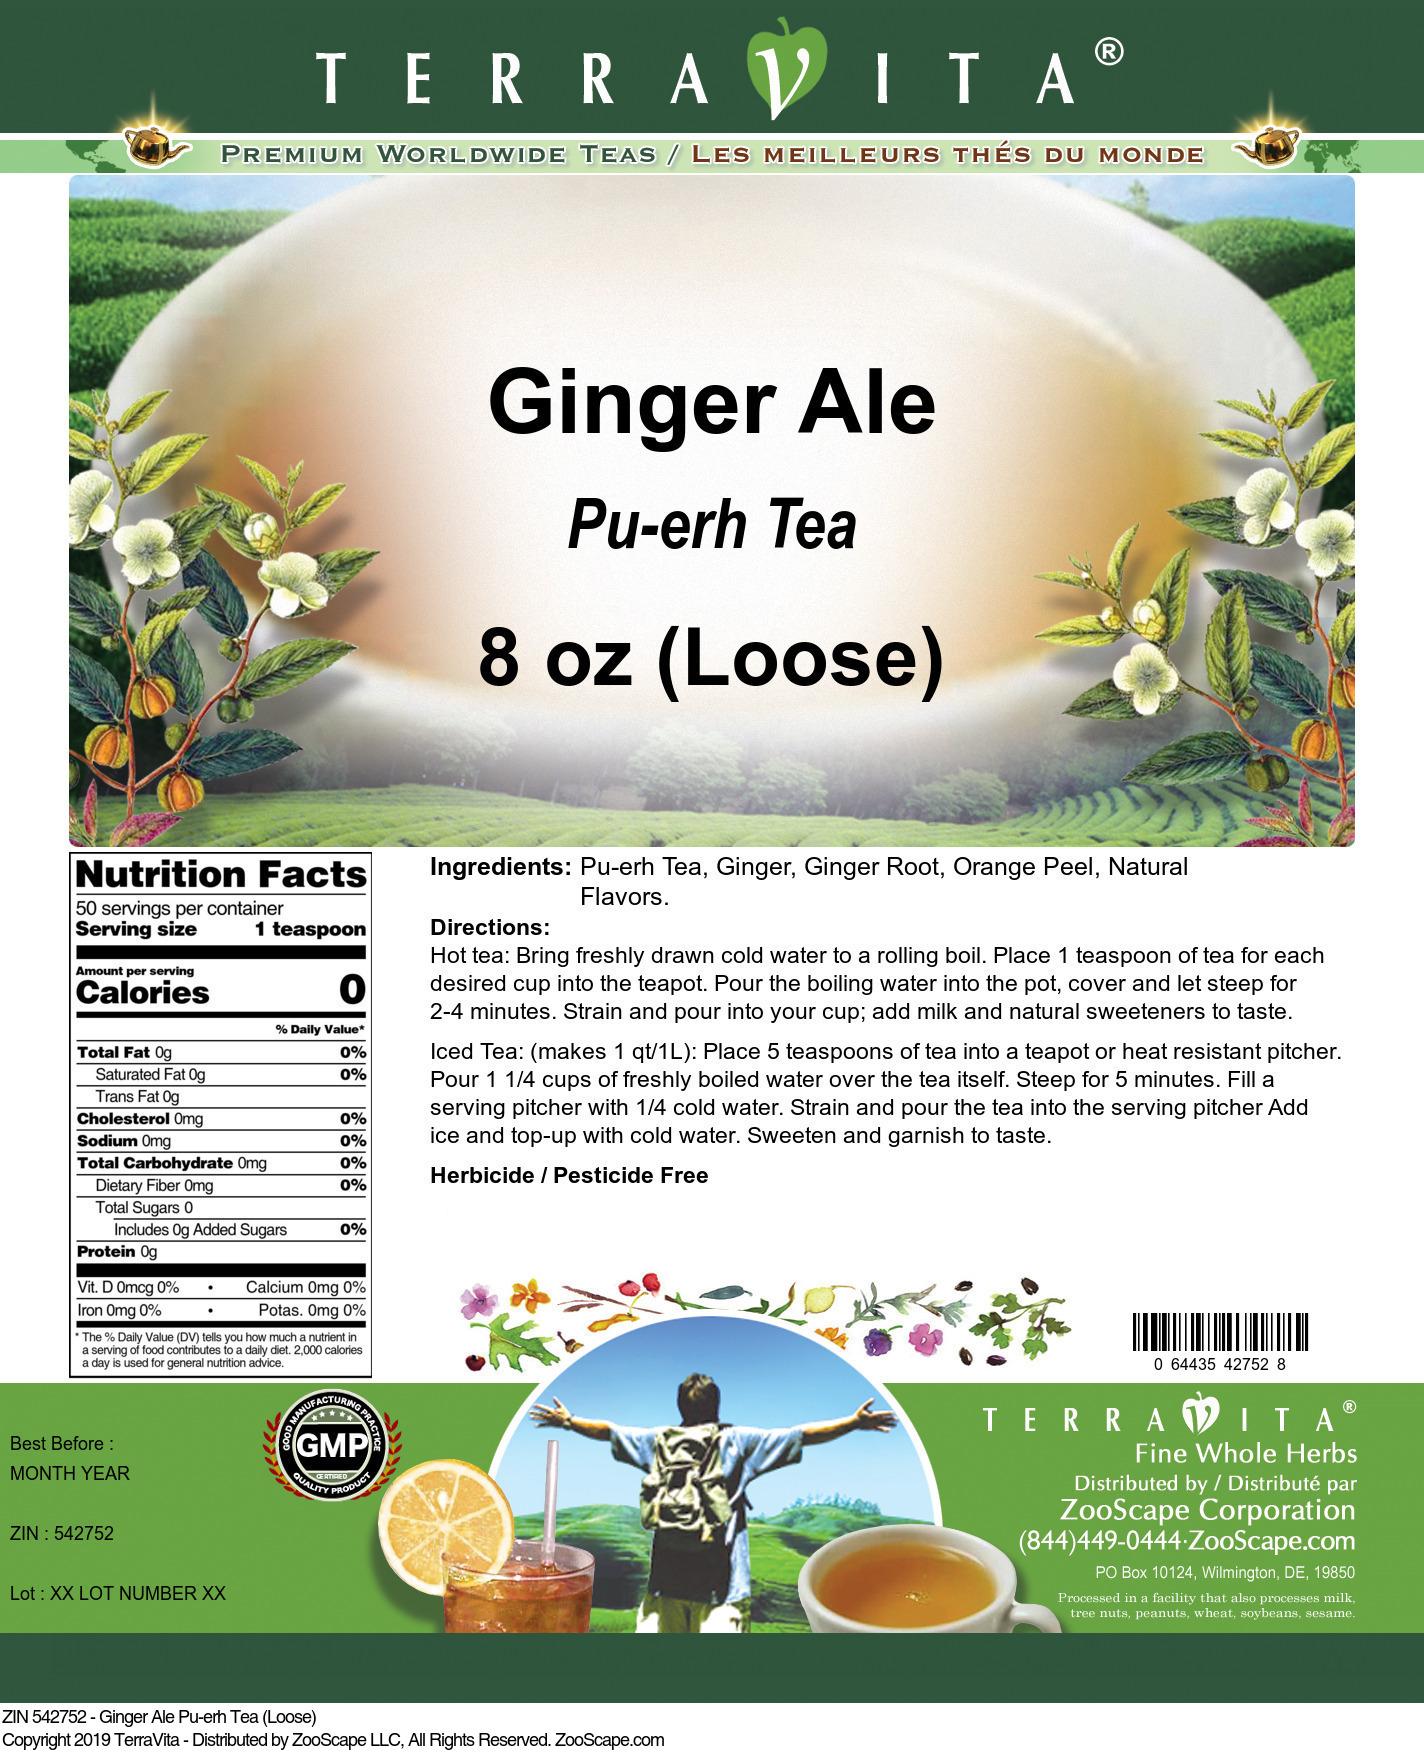 Ginger Ale Pu-erh Tea